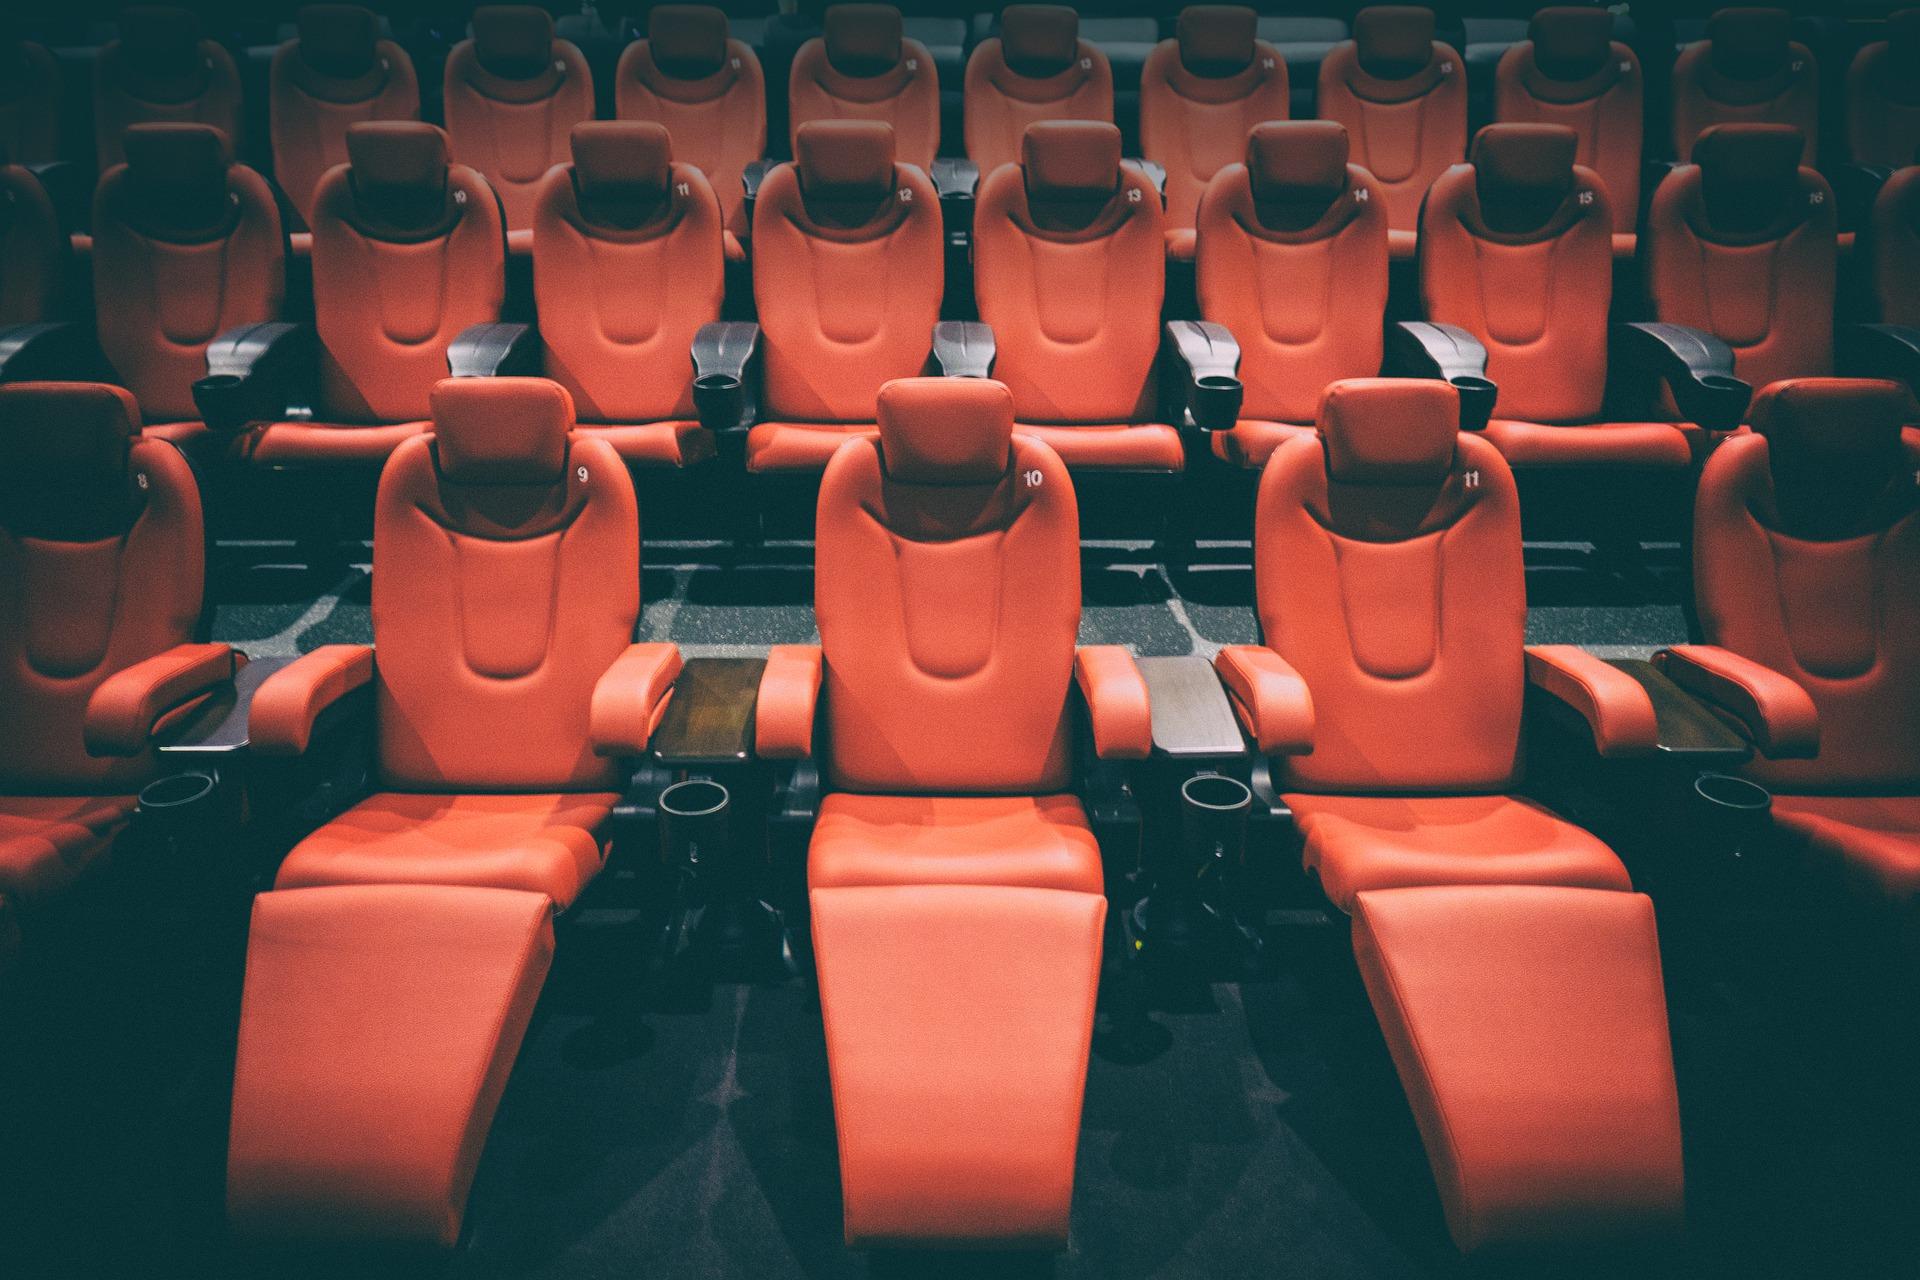 Модернизацию кинотеатров продолжат реализовывать в городе в 2021 году